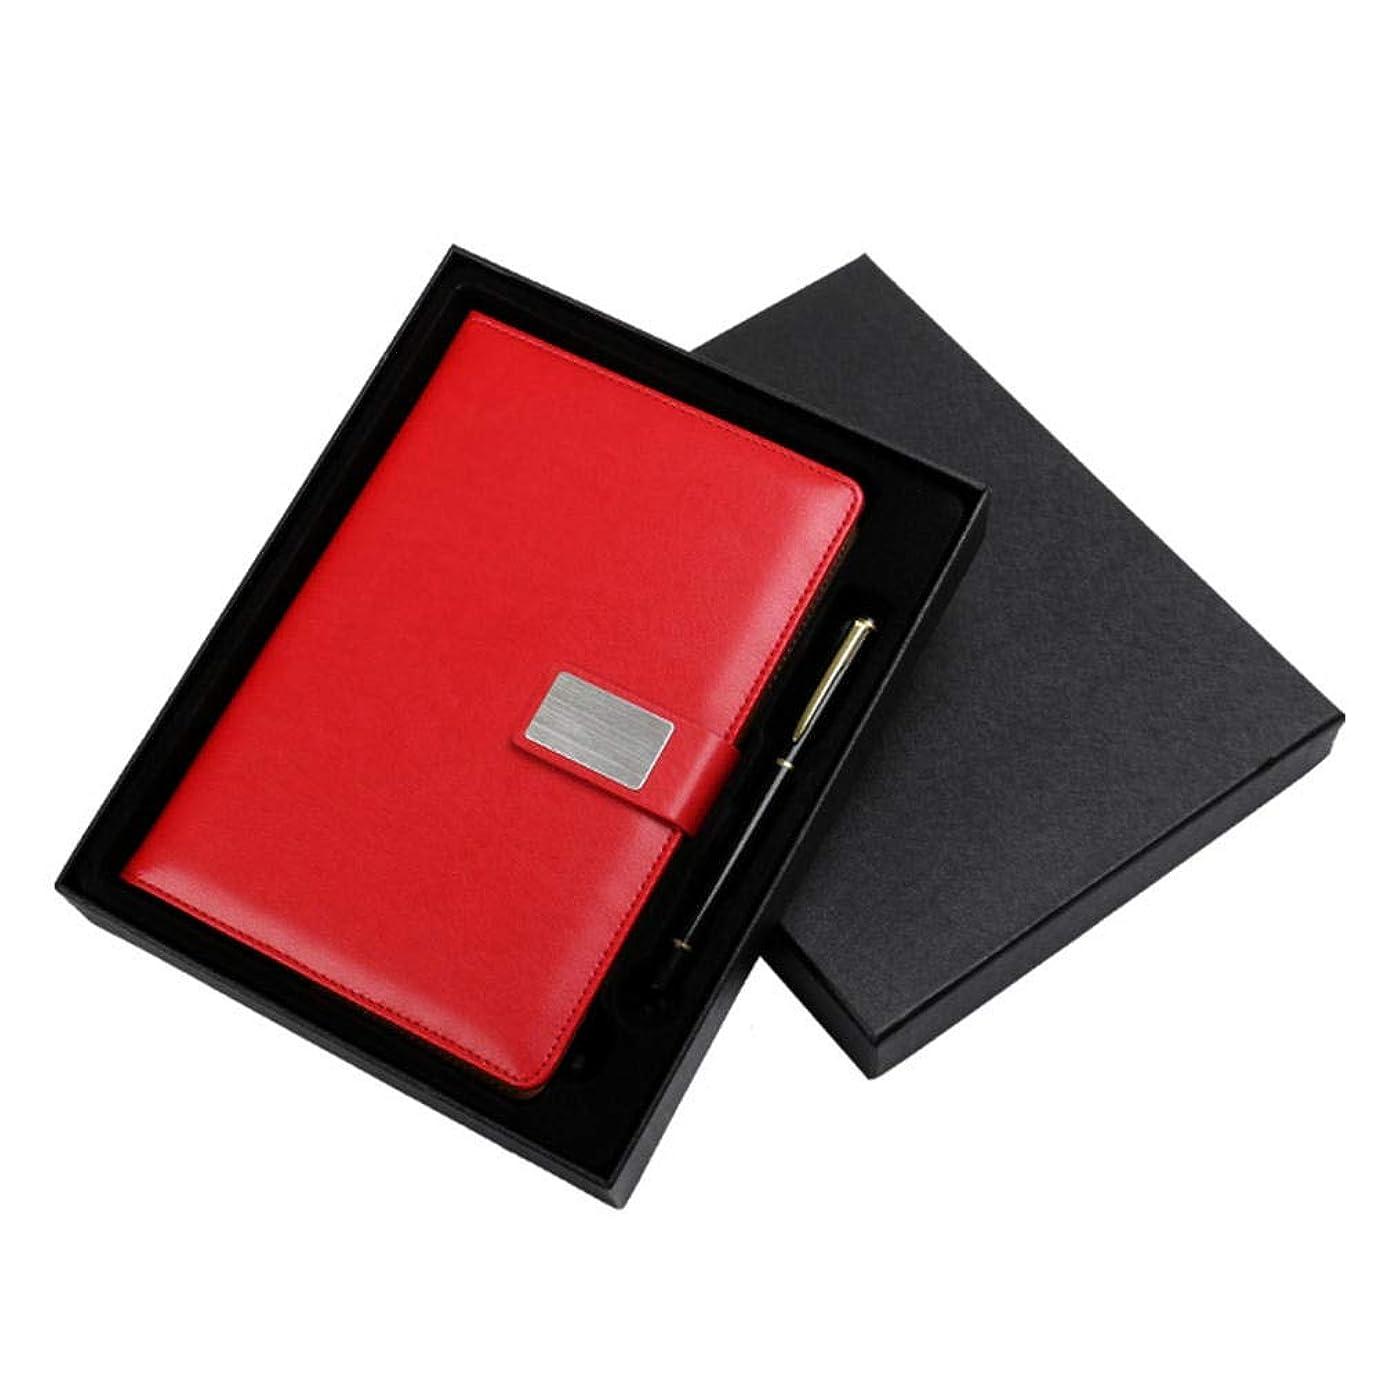 革製の筆記用ノート、高品質の紙とブックマーク付きのビジネス用ノート、130枚